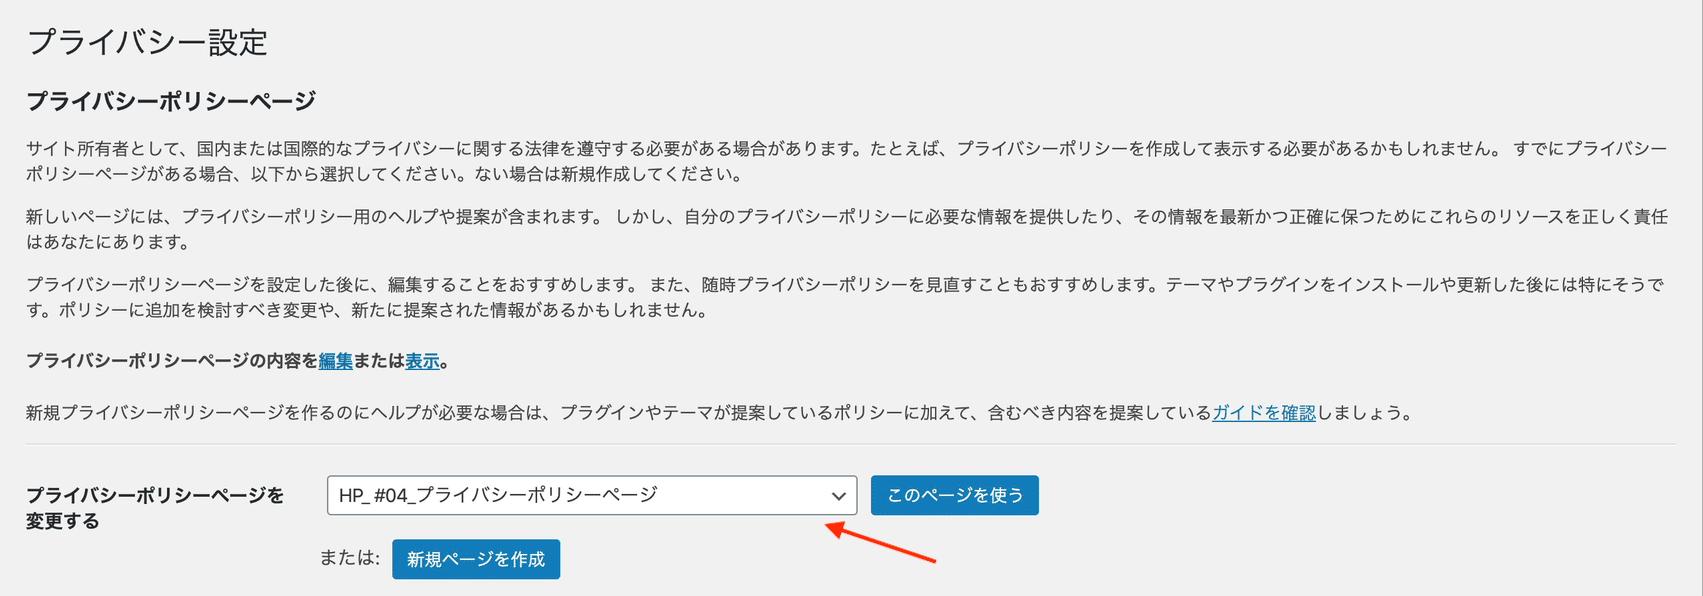 作成したプライバシーポリシーページを設定する